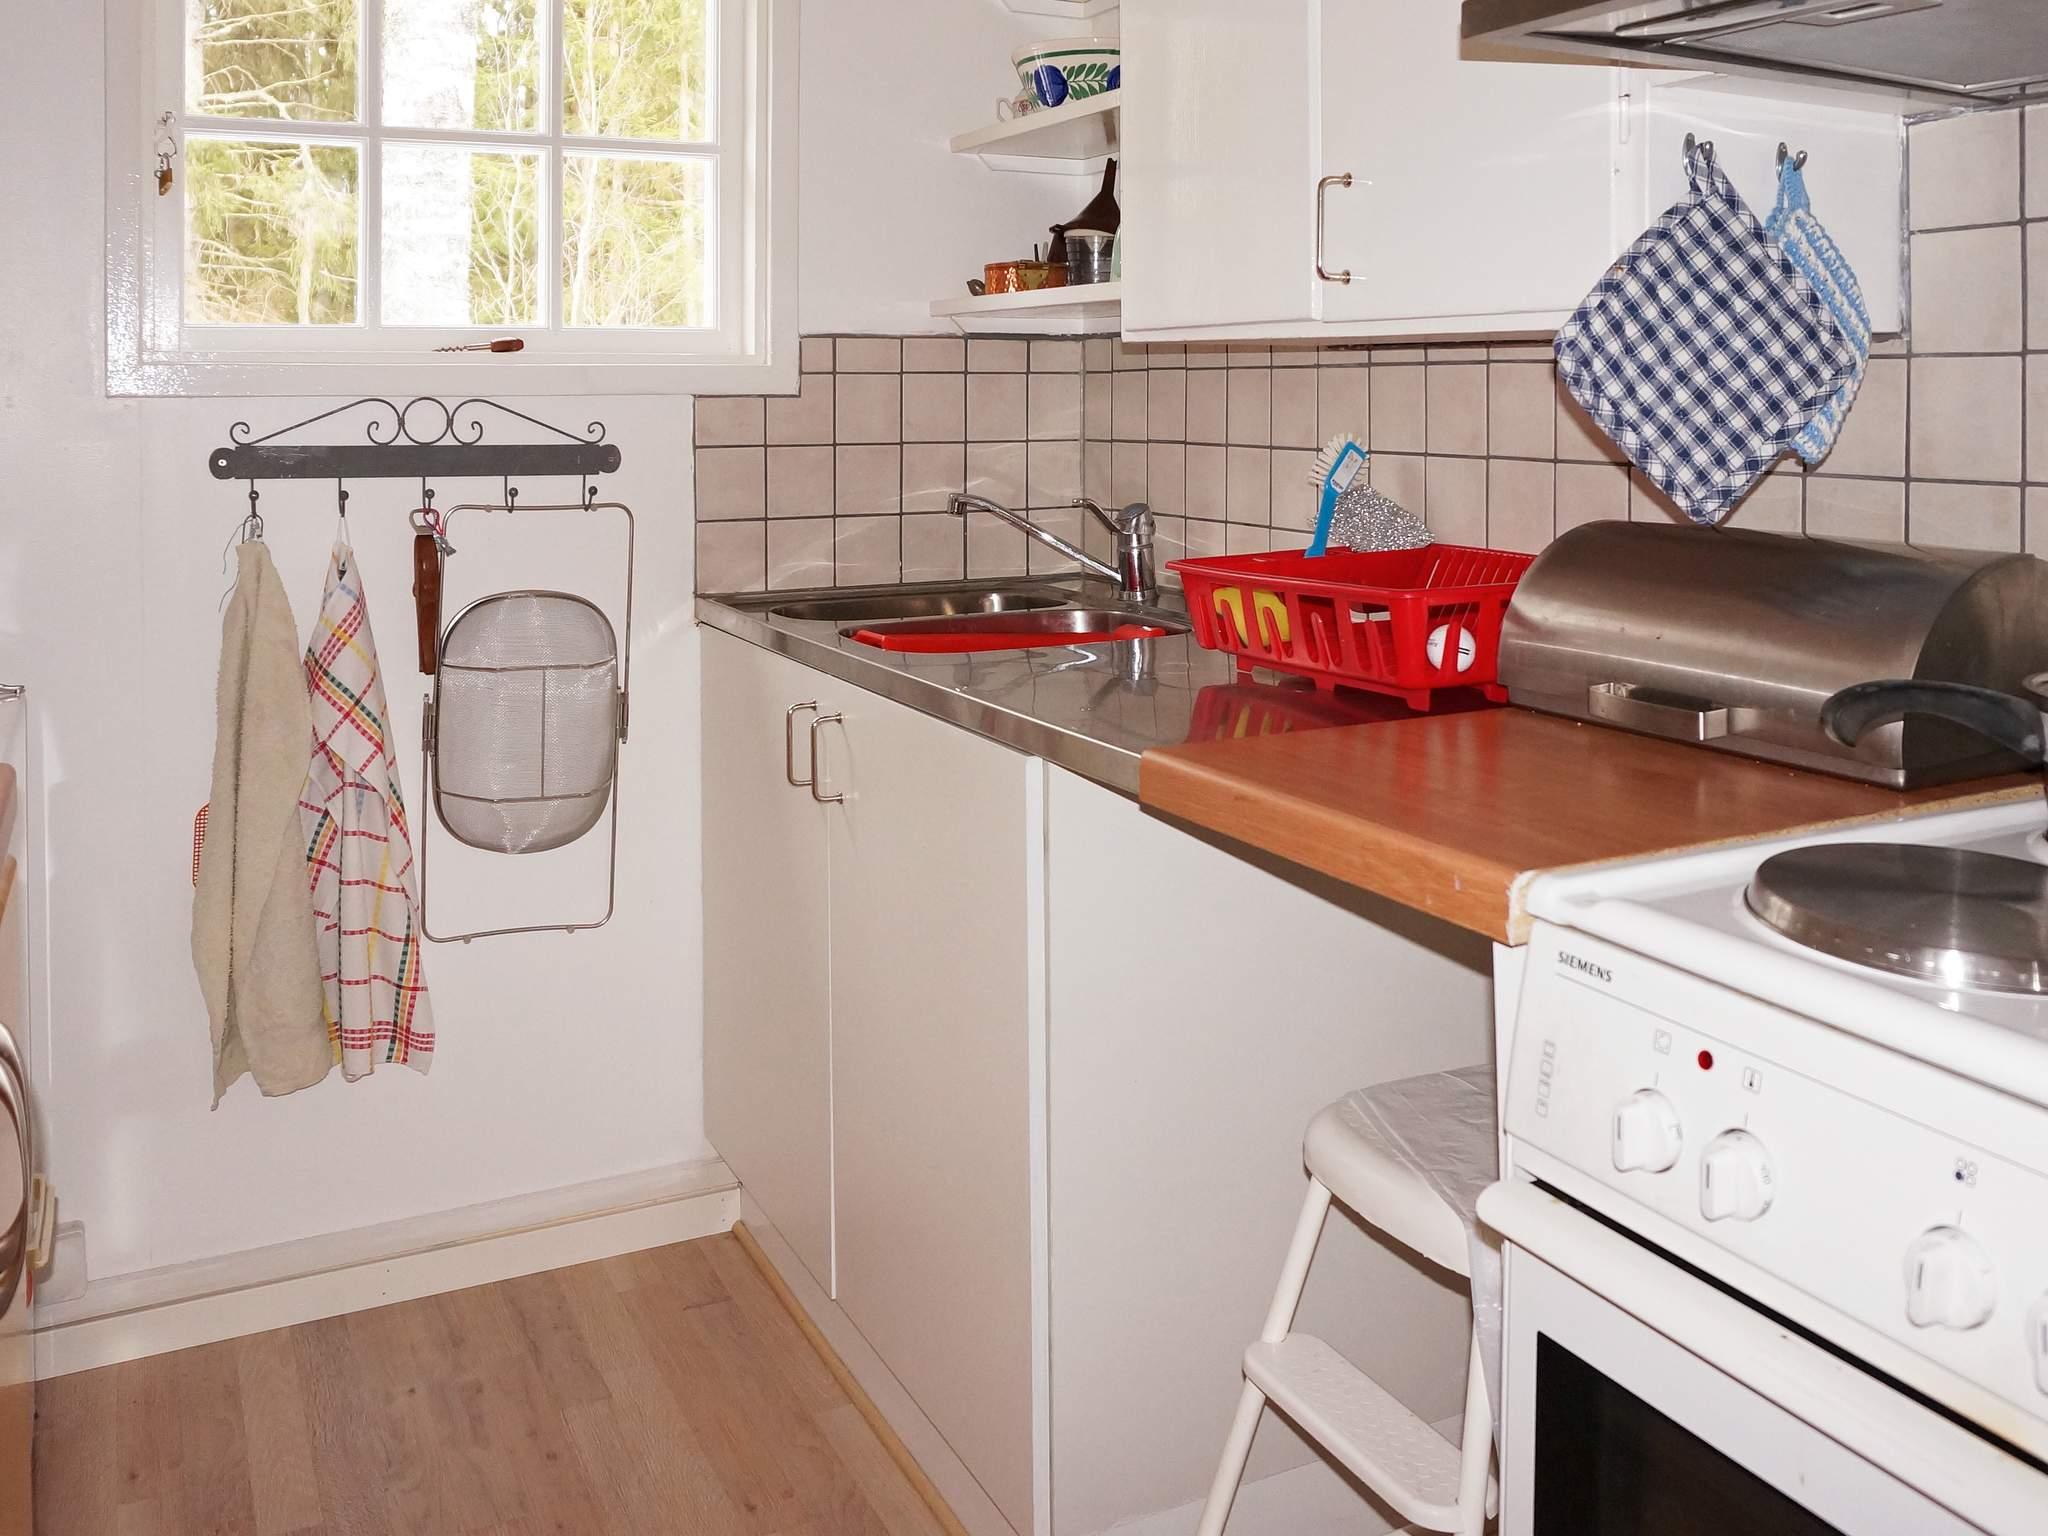 Ferienhaus Linneryd (2402351), Linneryd, Kronobergs län, Südschweden, Schweden, Bild 3